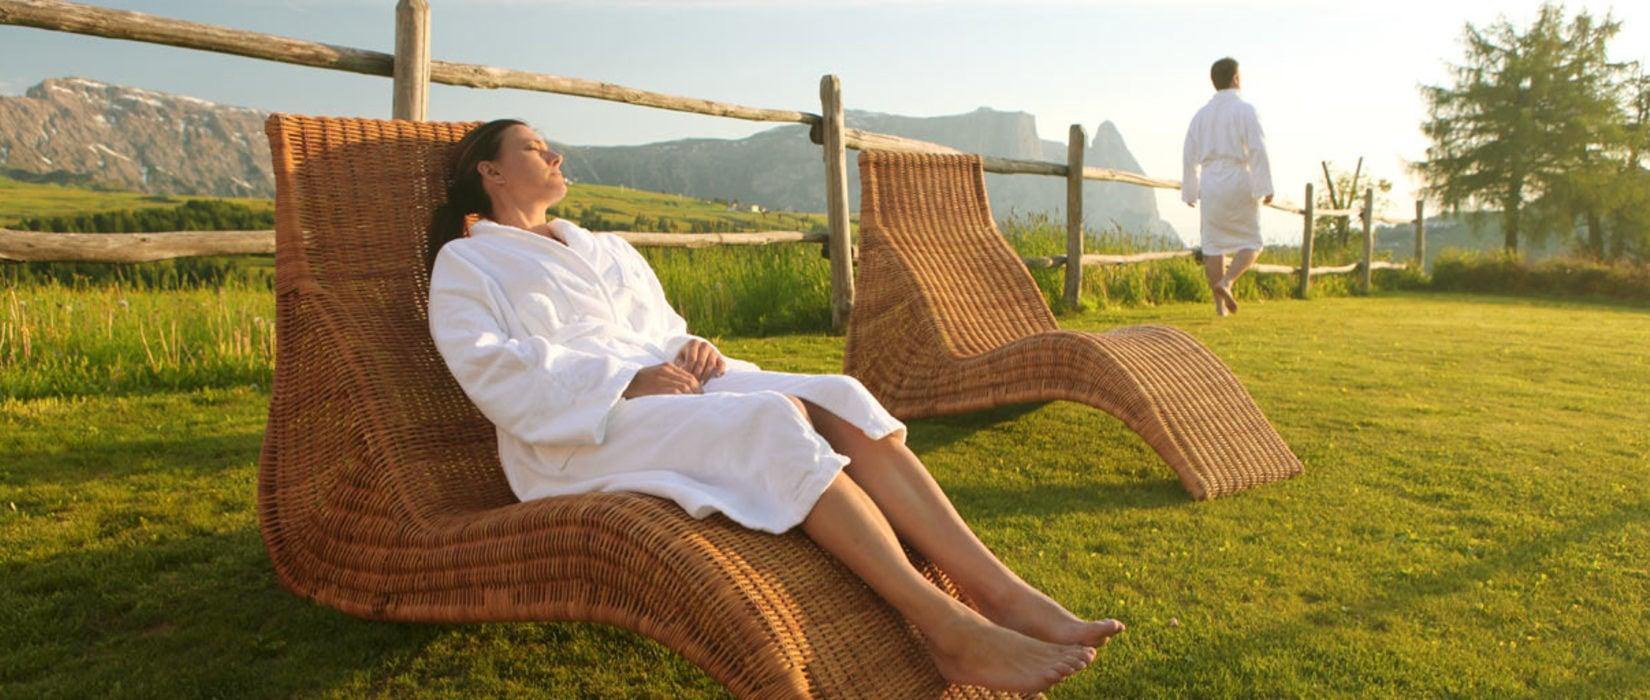 Bergeweise Wohlgefühl - das ist Ihr Wellnessurlaub in Südtirol